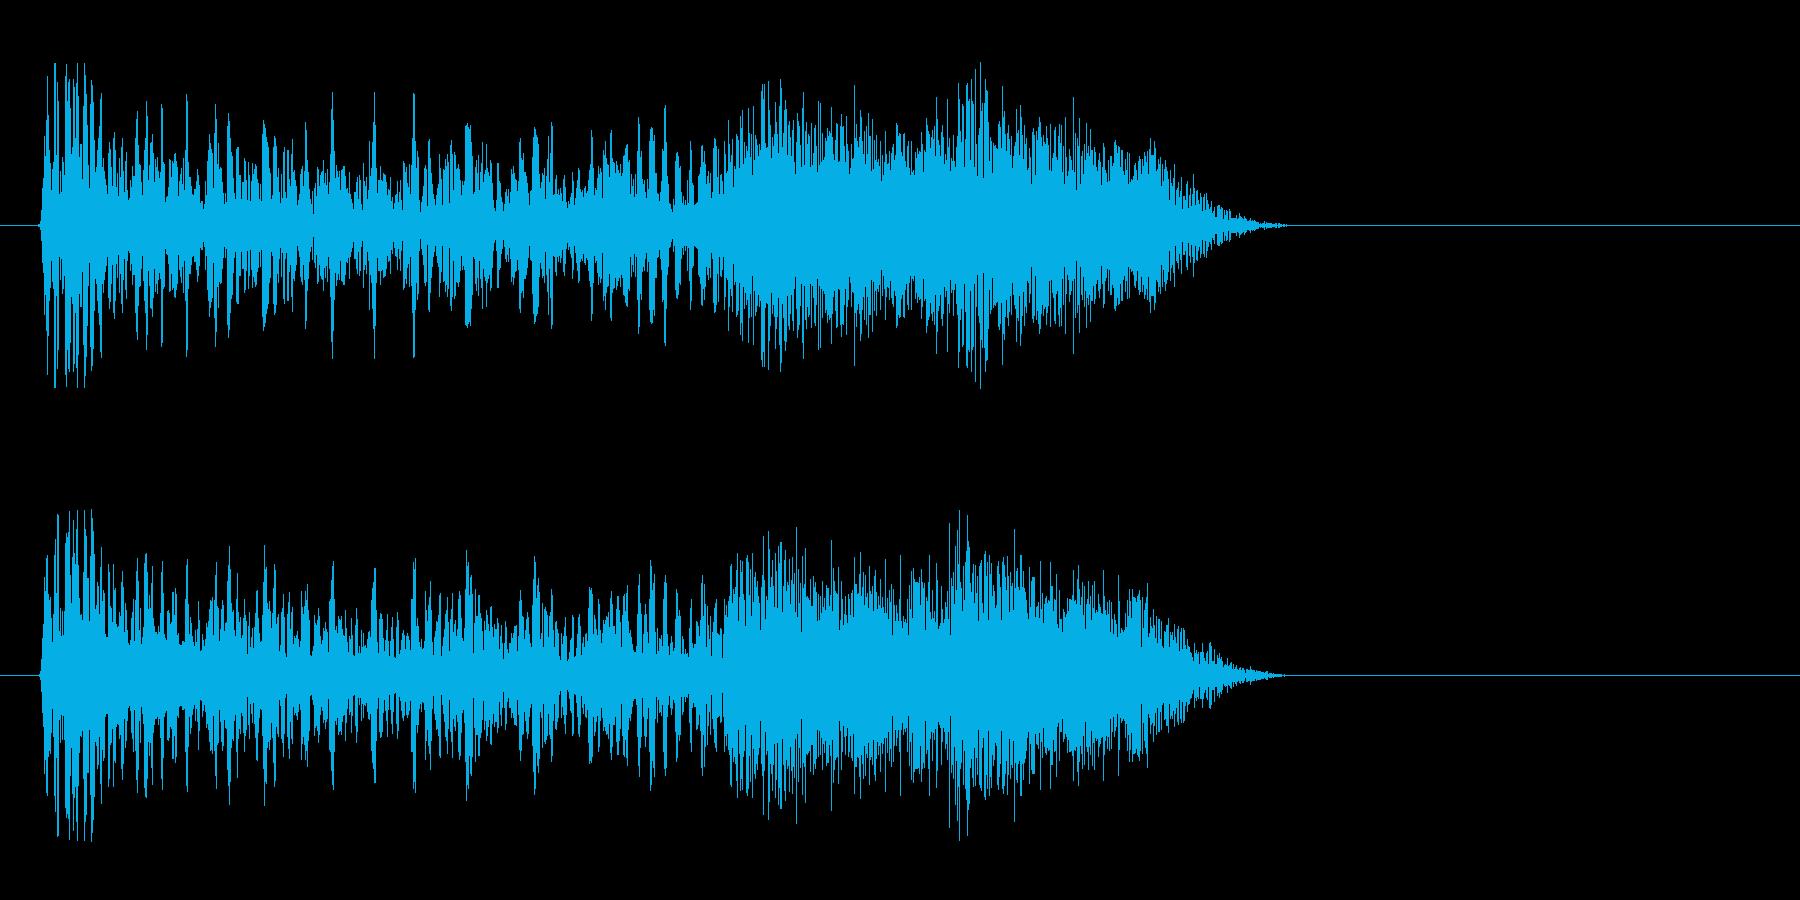 【つまずく感じ2】の再生済みの波形